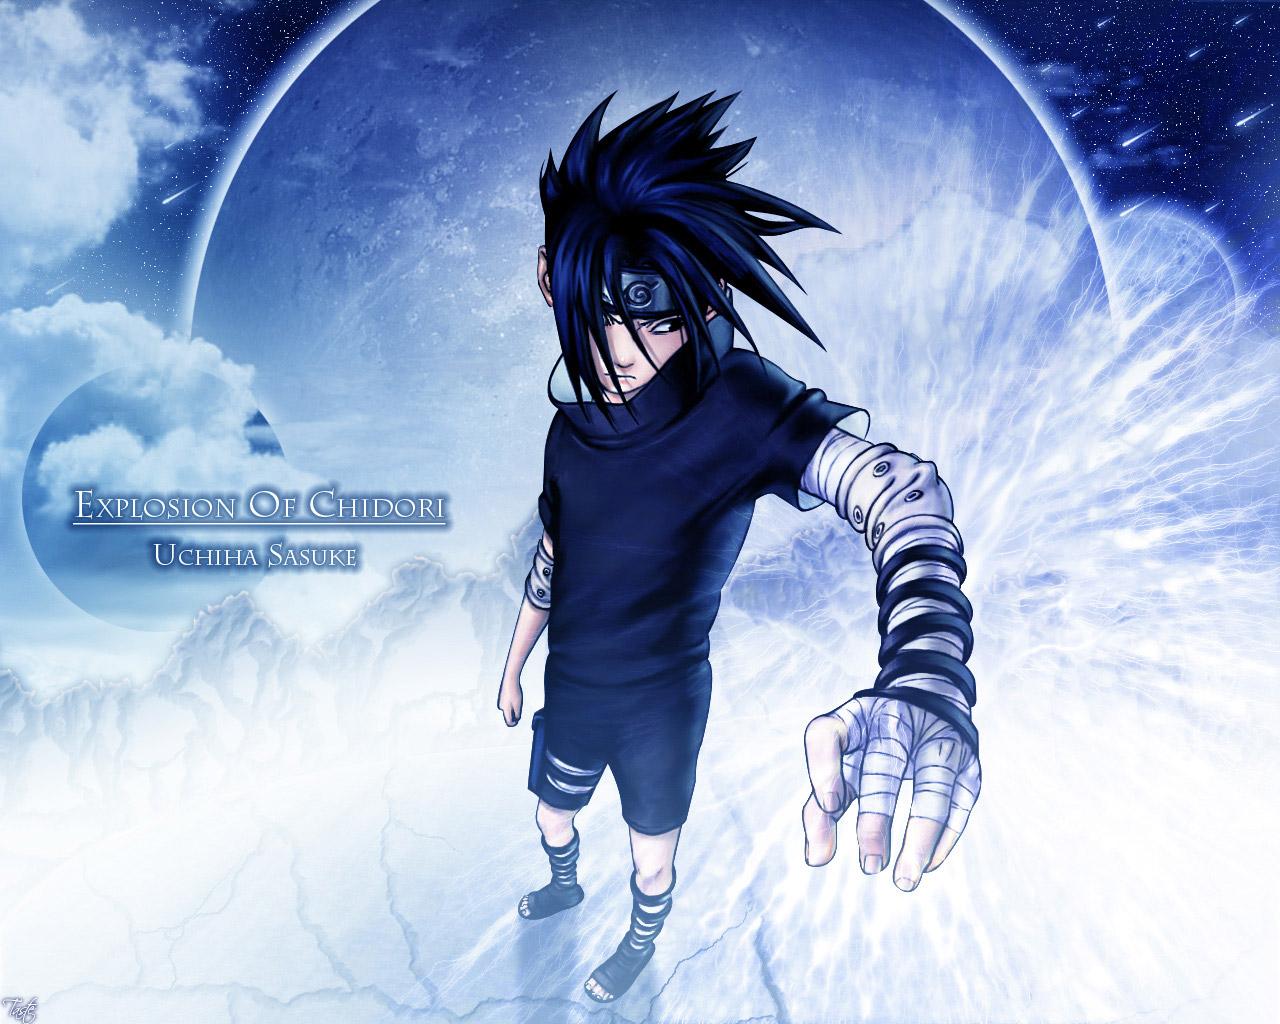 http://4.bp.blogspot.com/-1qpX3zYJBR4/TYTZBmpfu4I/AAAAAAAAASE/_myLzzn8-IY/s1600/uchiha-sasuke.jpg